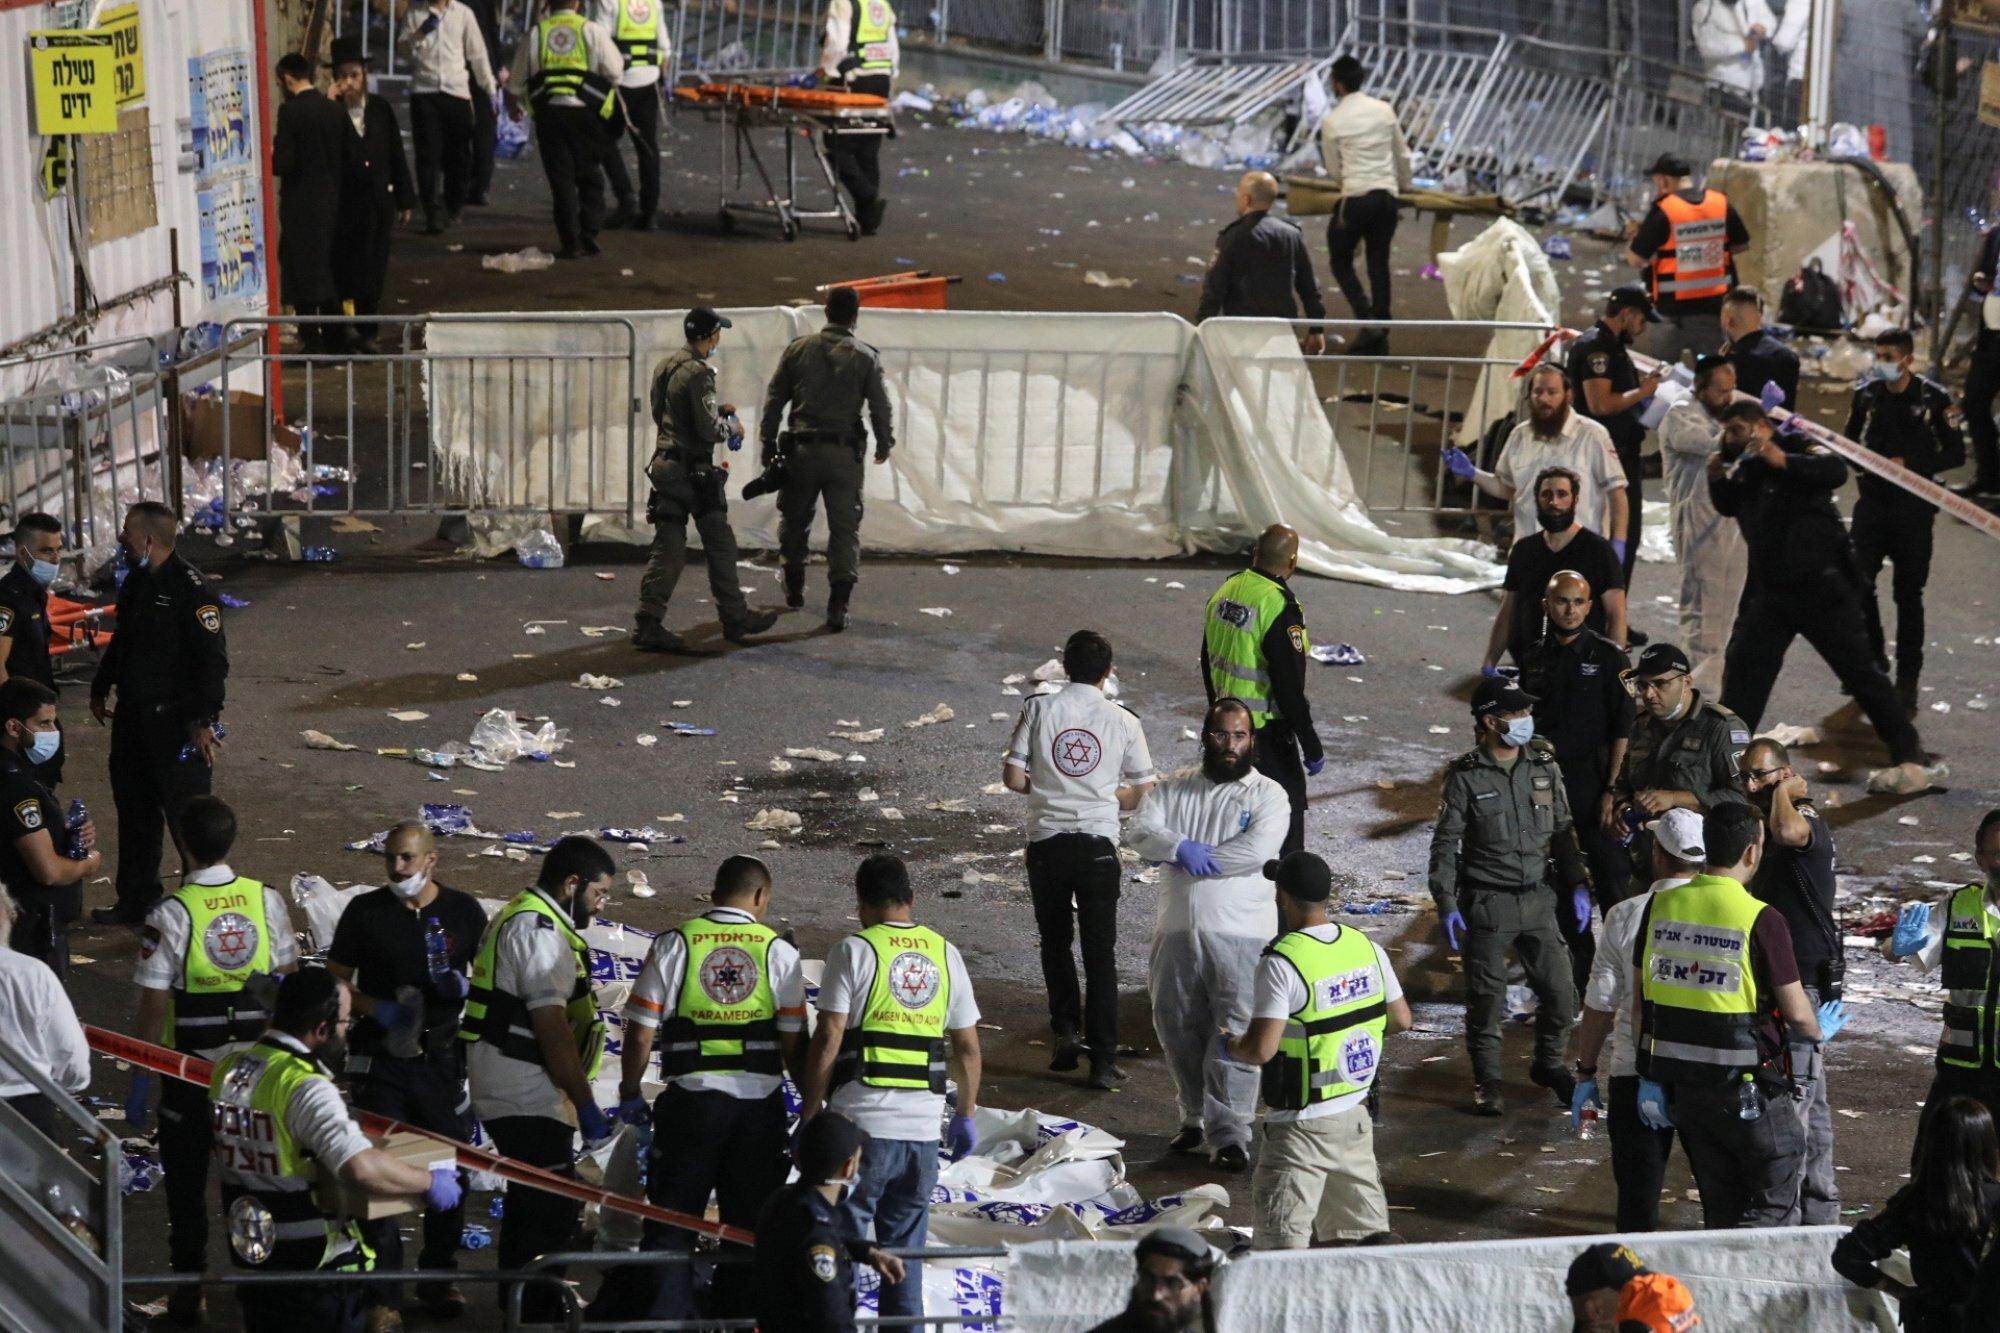 מירון האסון הכי גדול בישראל מאז הקמת המדינה 44 מתים 150פצועים בהם 23 קשה ילדים נמצחו למוות-אך המשטרה אפשרה כניסה ל 250000   43cf0941-8633-4944-83cf-293526c8abbc_d8cac2a8